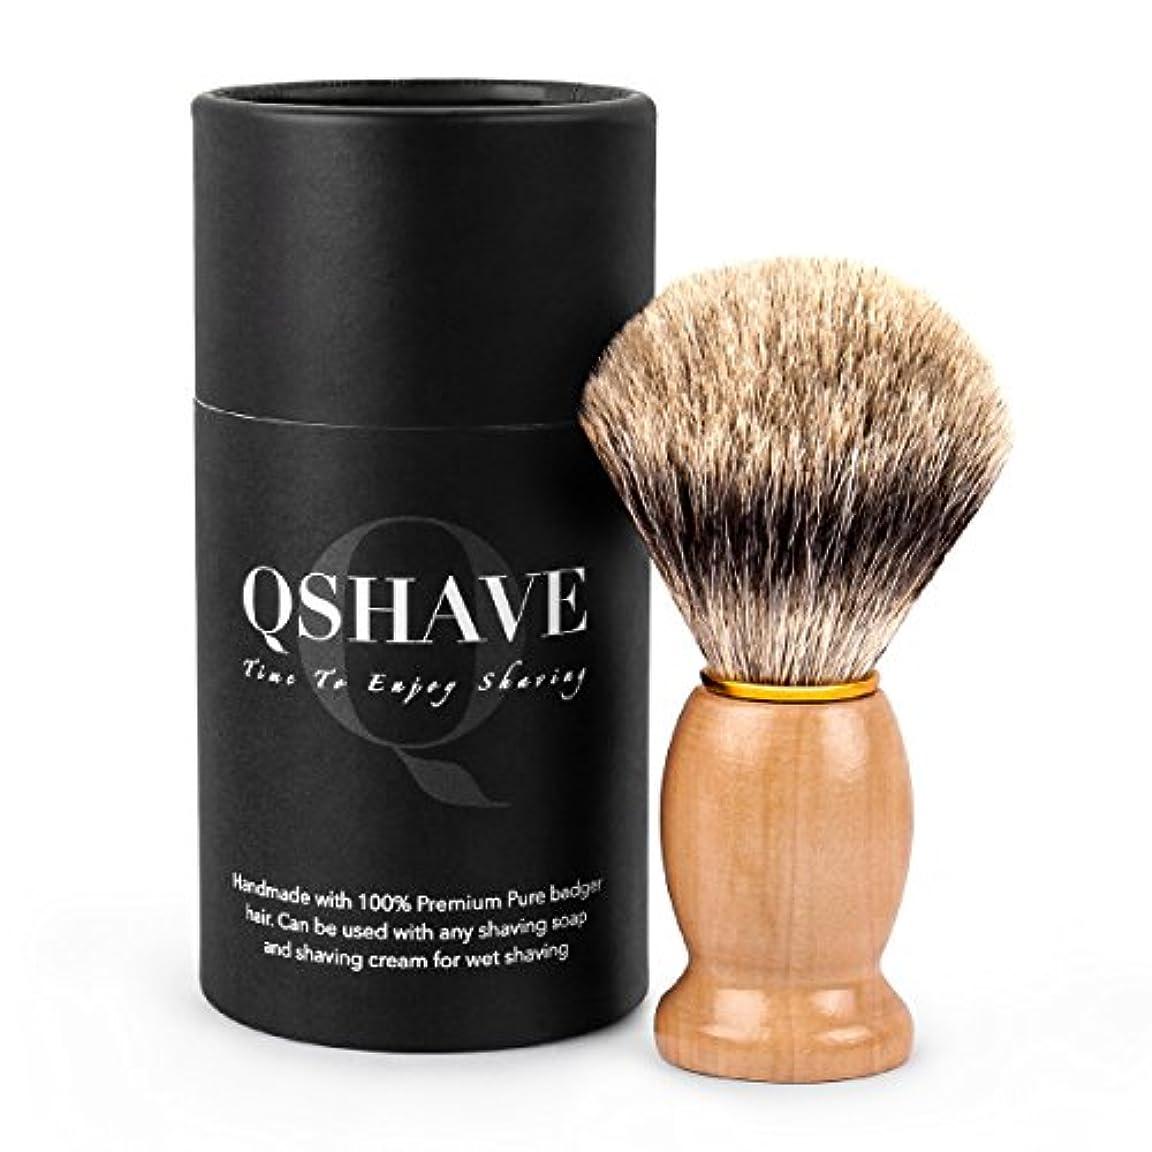 リスト誇り広がりQSHAVE 100%最高級アナグマ毛オリジナルハンドメイドシェービングブラシ。木製ベース。ウェットシェービング、安全カミソリ、両刃カミソリに最適